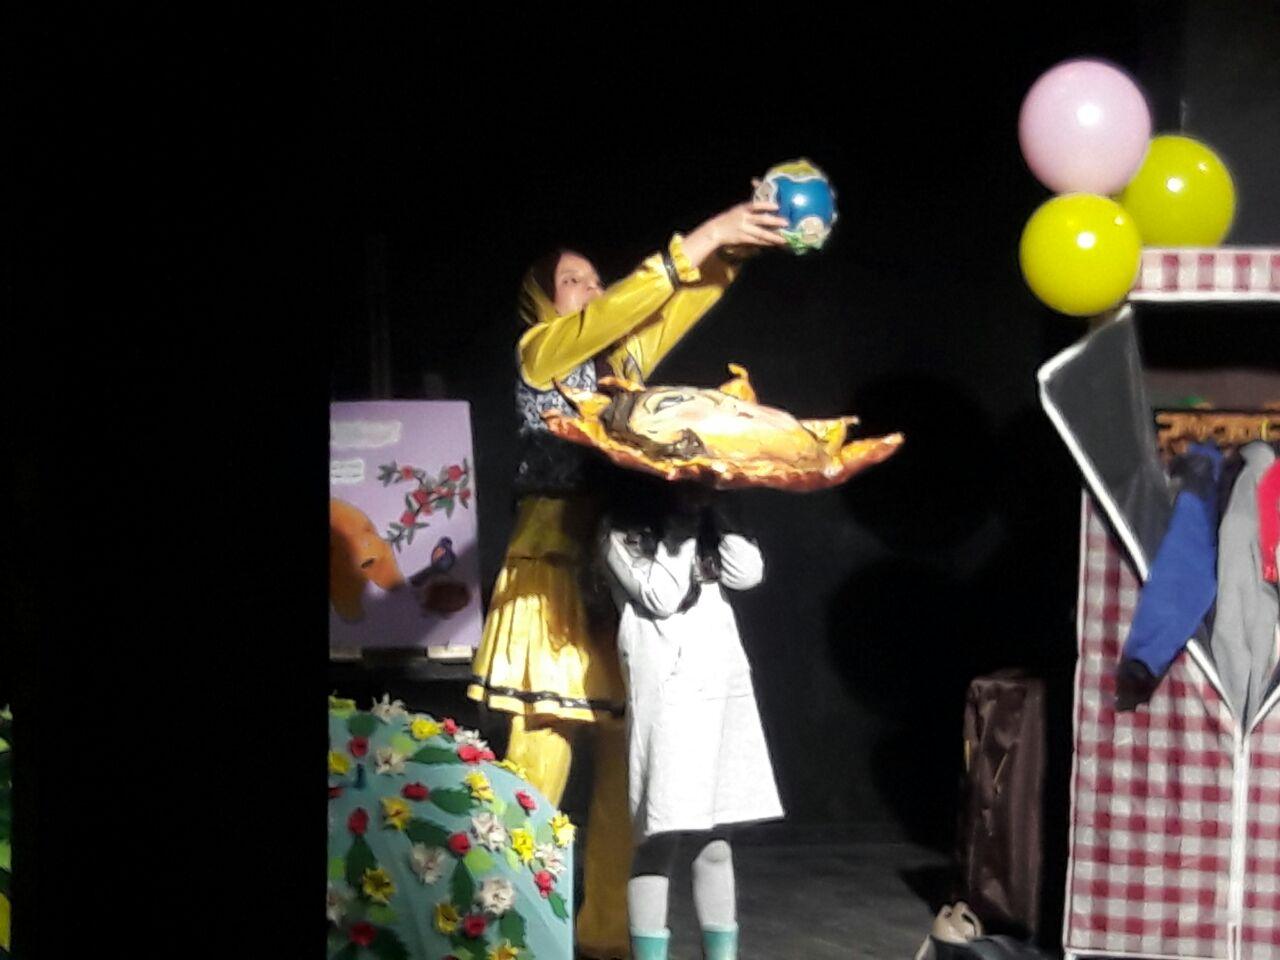 بیست و پنجمین جشنواره بین المللی تئاتر کودک و نوجوان- همدان و پیام تبریک روابط عمومی فرمانداری به نگار نادری